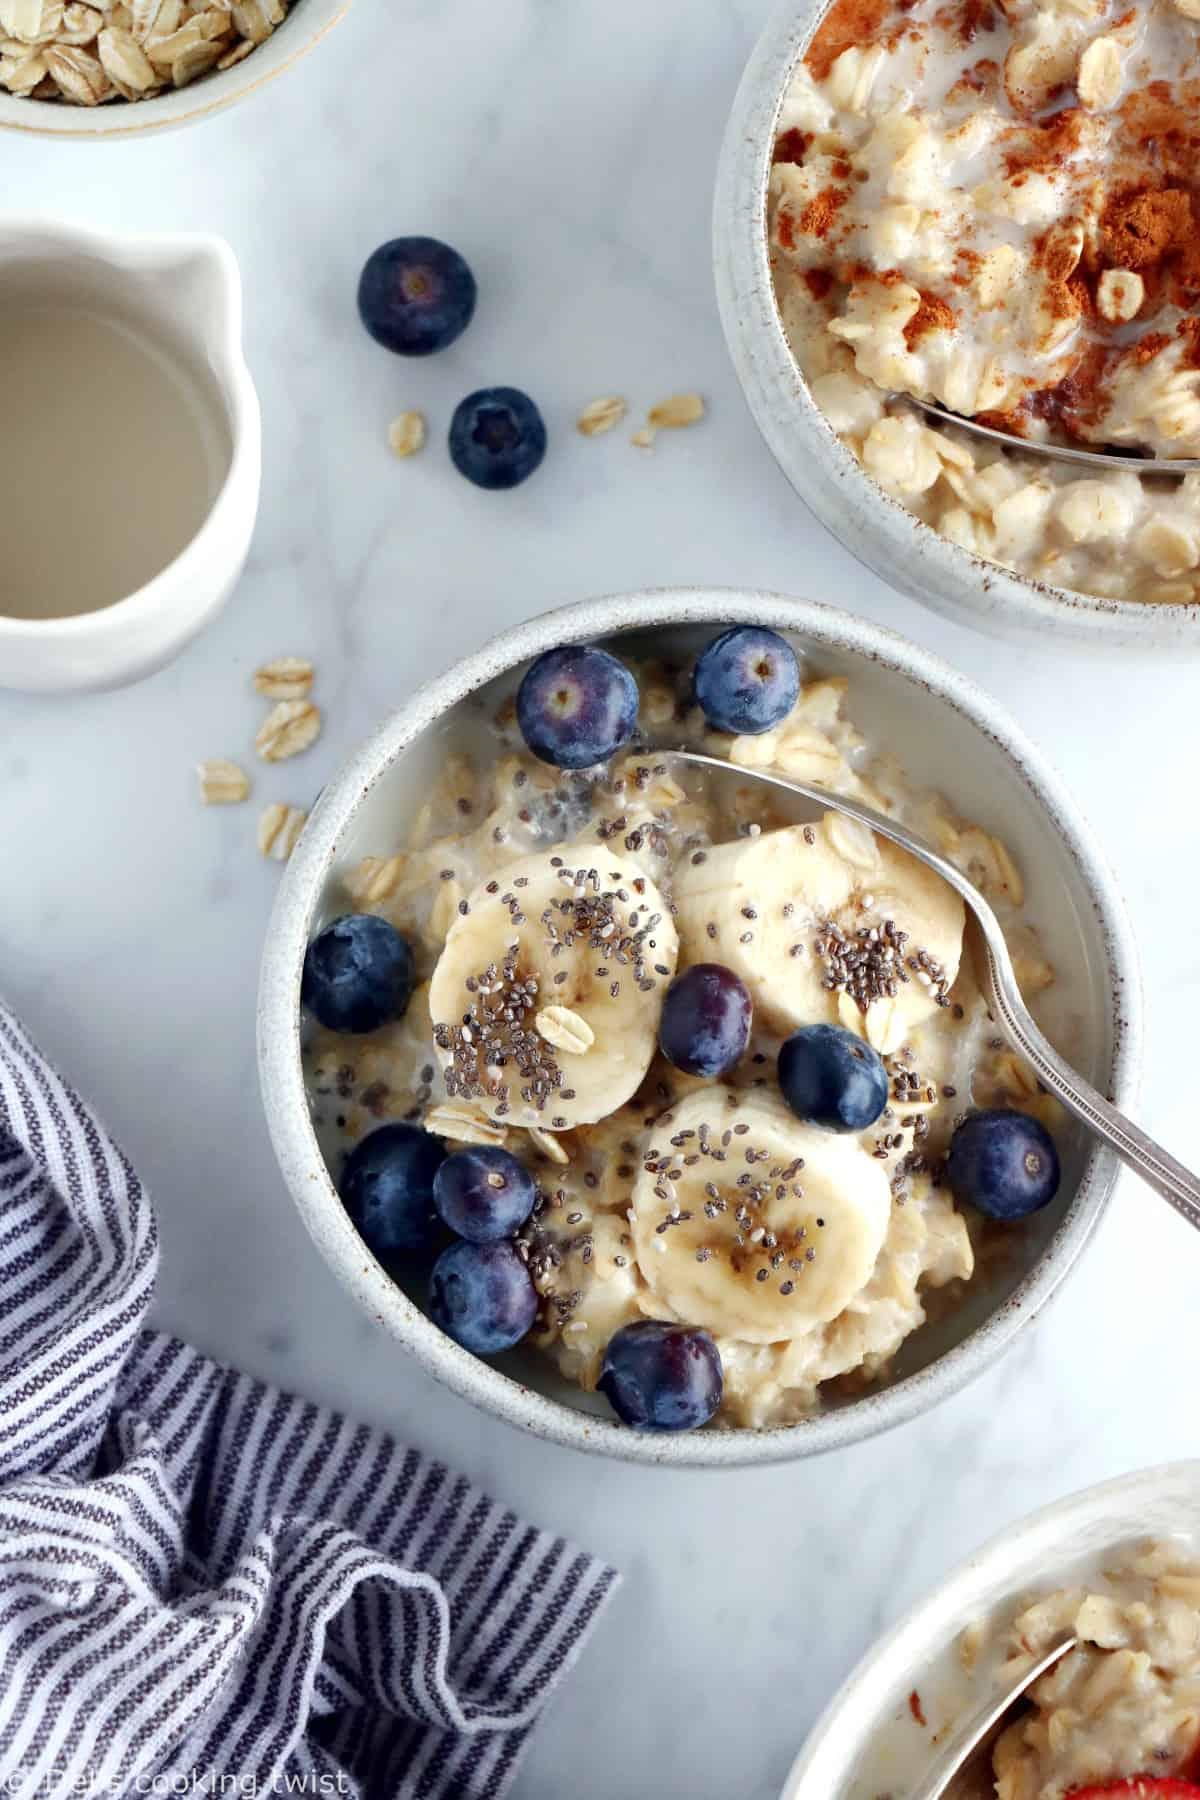 Apprenez à réaliser la vraie recette du porridge. Avec seulement 2 ingrédients et quelques minutes de préparation, vous obtenez un délicieux porridge aux flocons d'avoine.